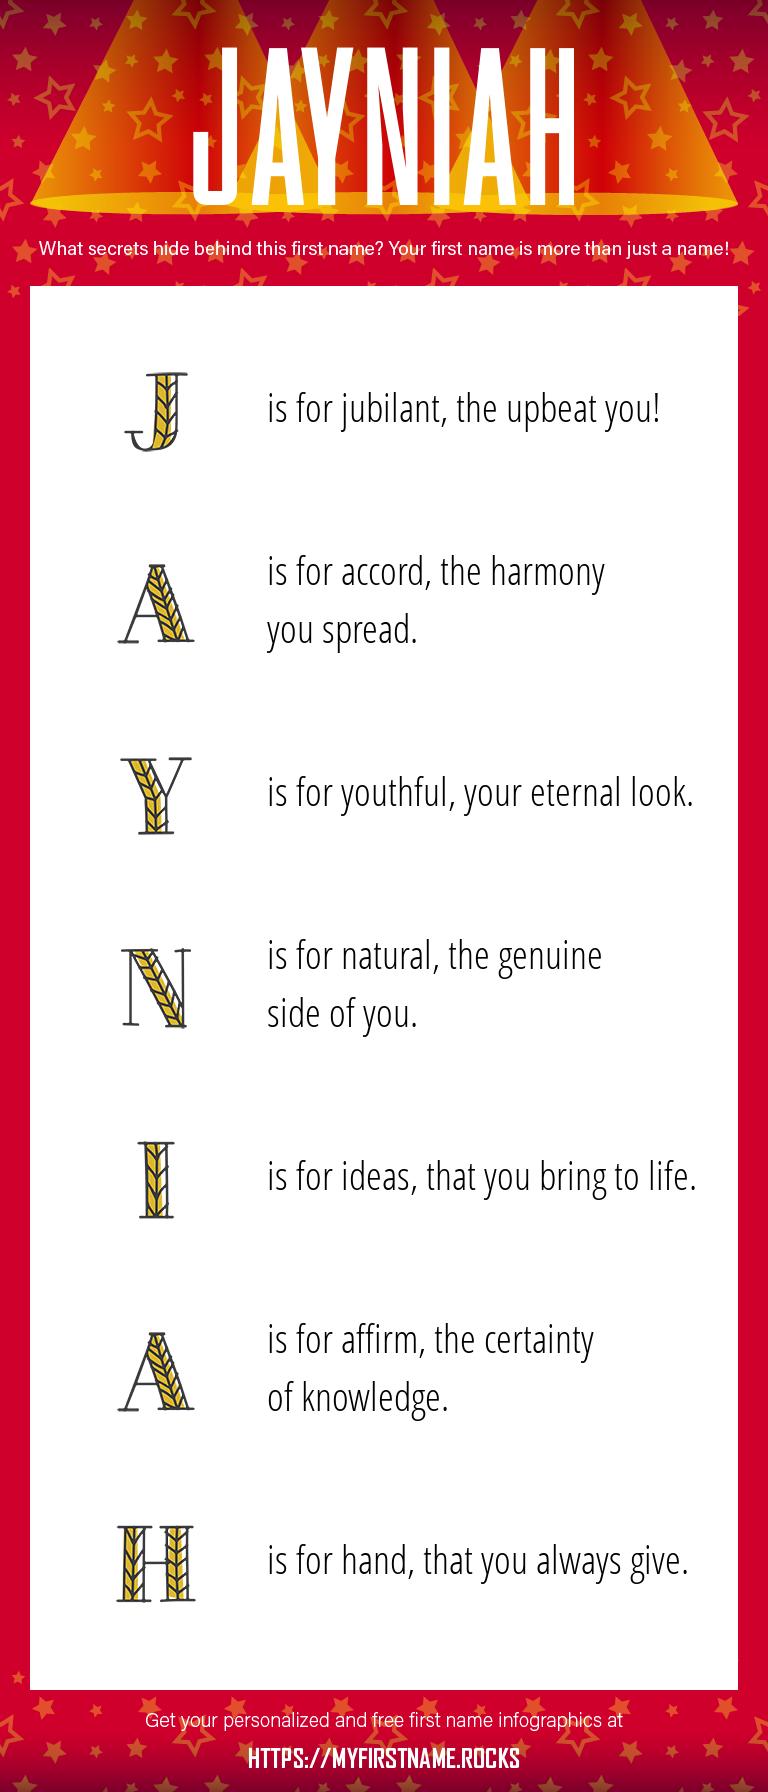 Jayniah Infographics